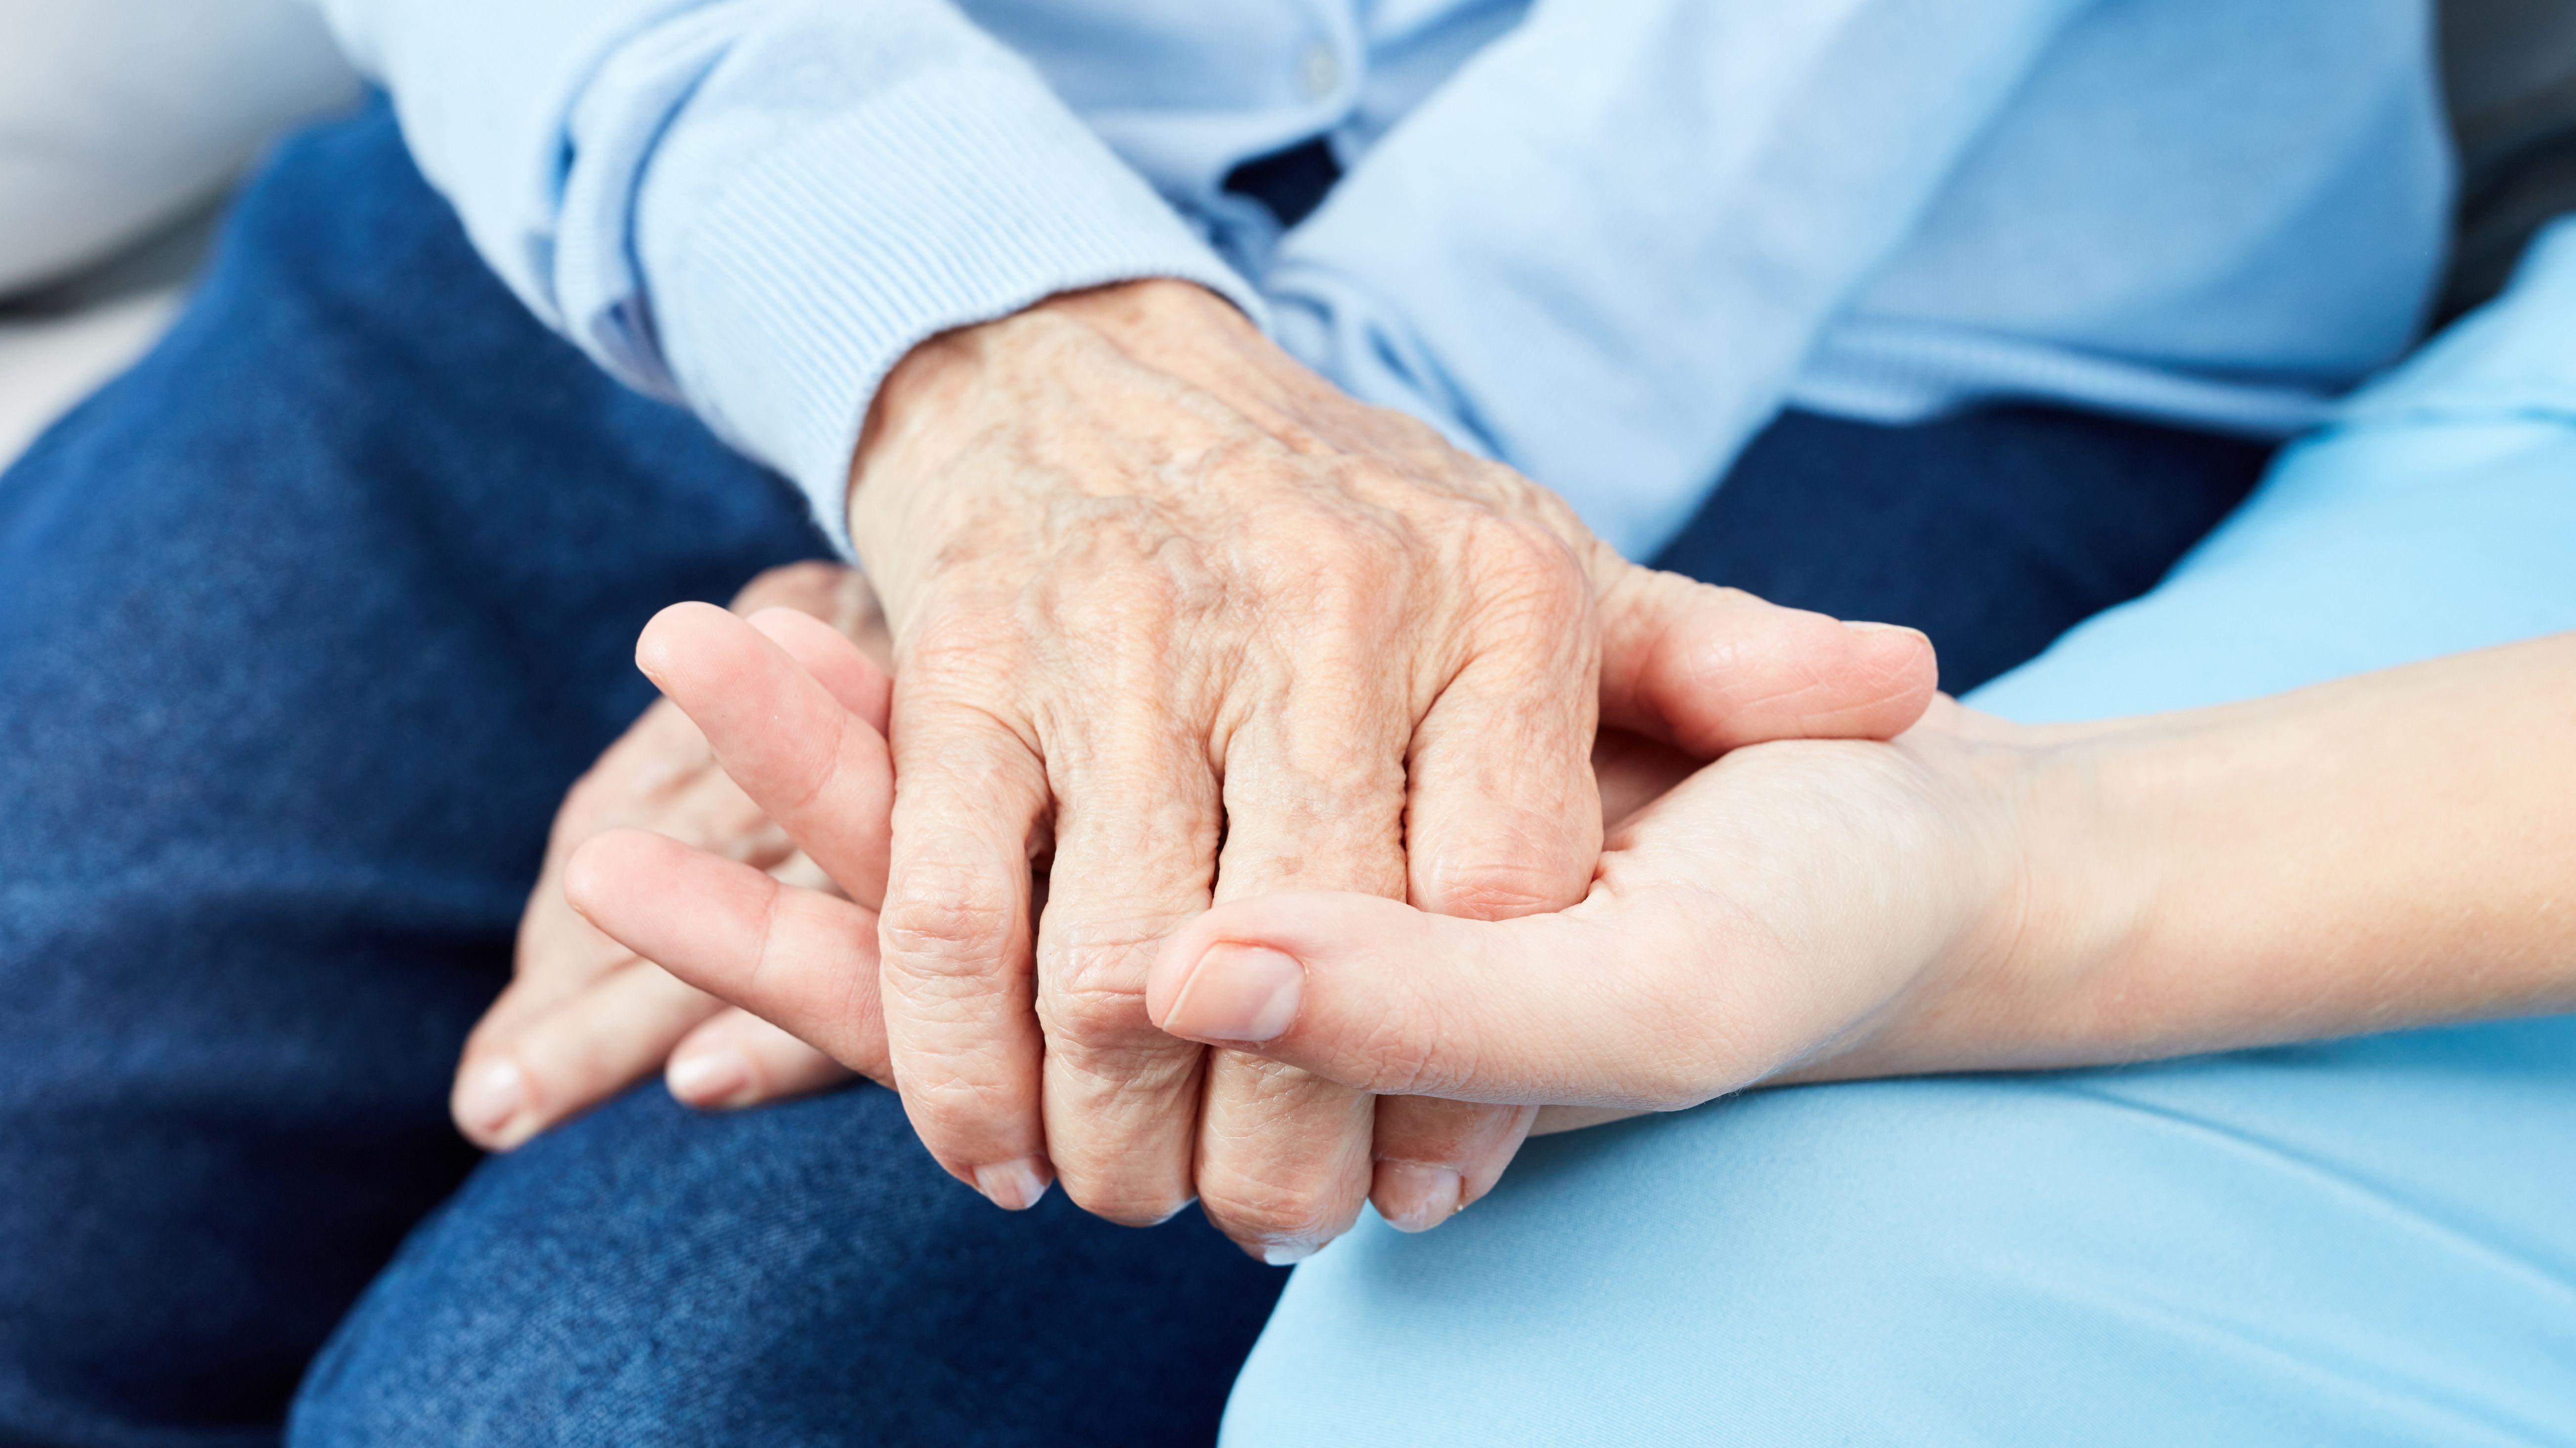 Symbolbild: Pflegerin hält Hand eines Pflegeheimbewohners